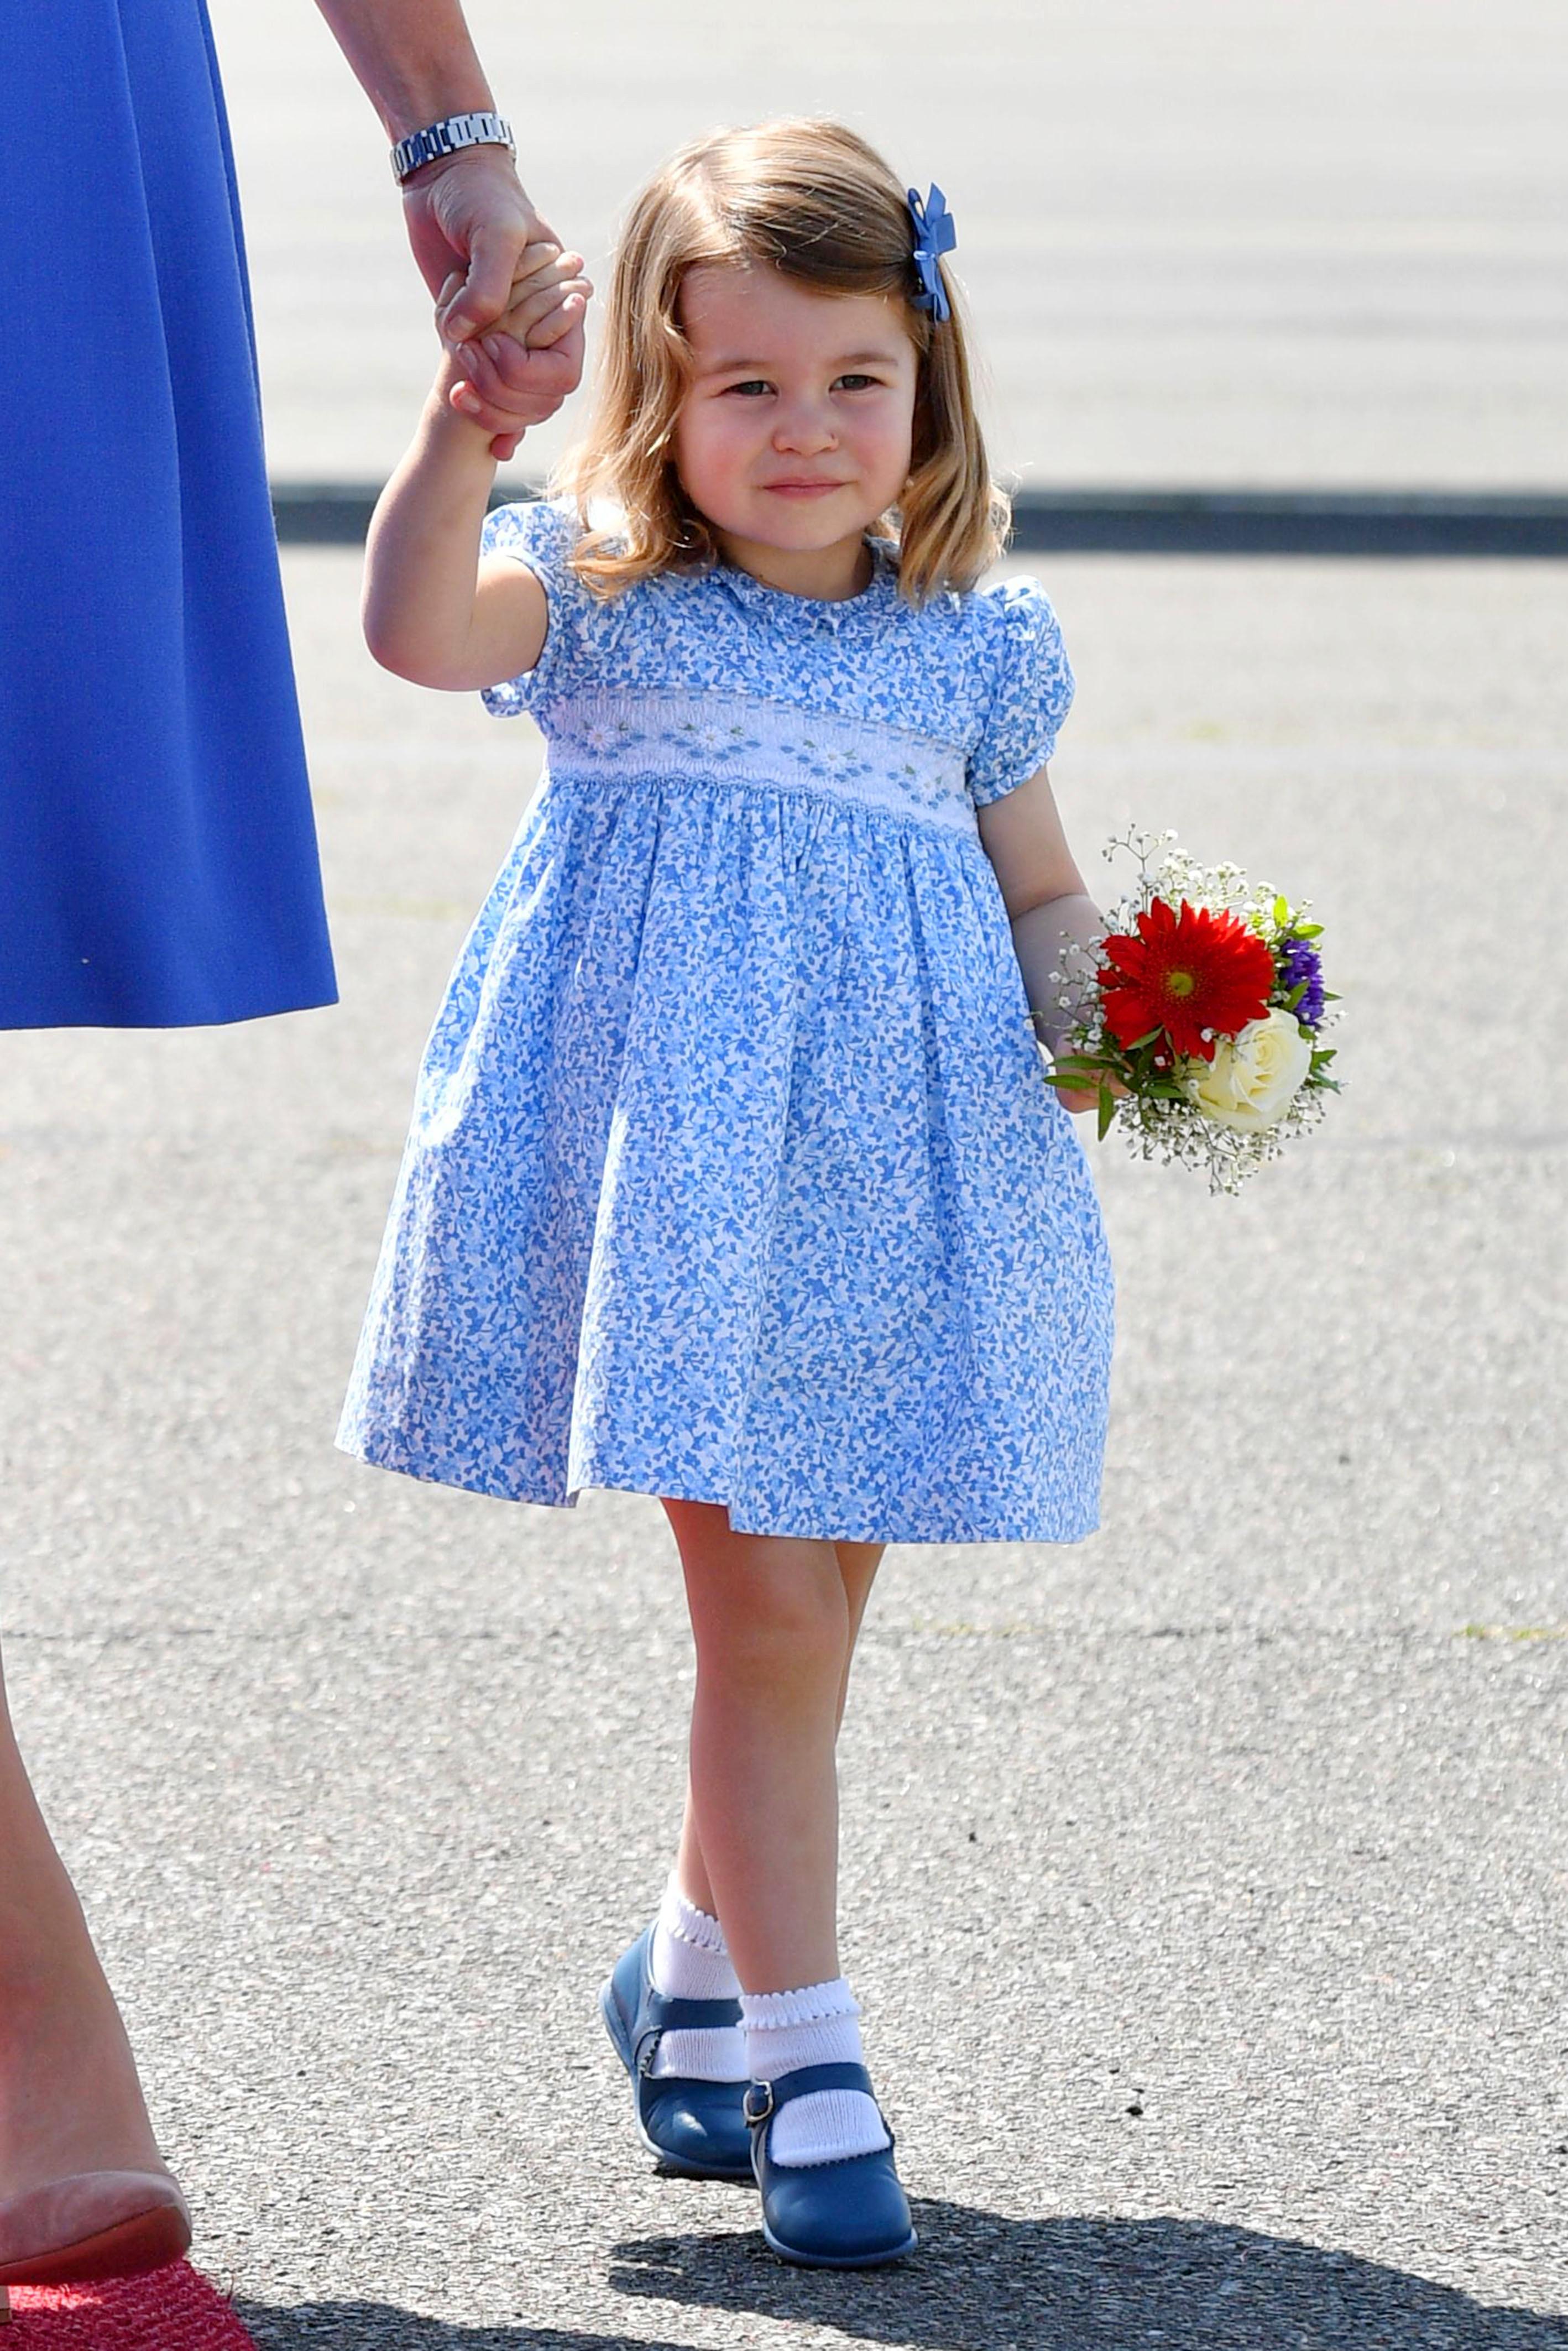 2. svibnja 2015. na svijet je stigla princeza Charlotte od Cambridgea, drugo dijete Kate Middleton i princa Williama